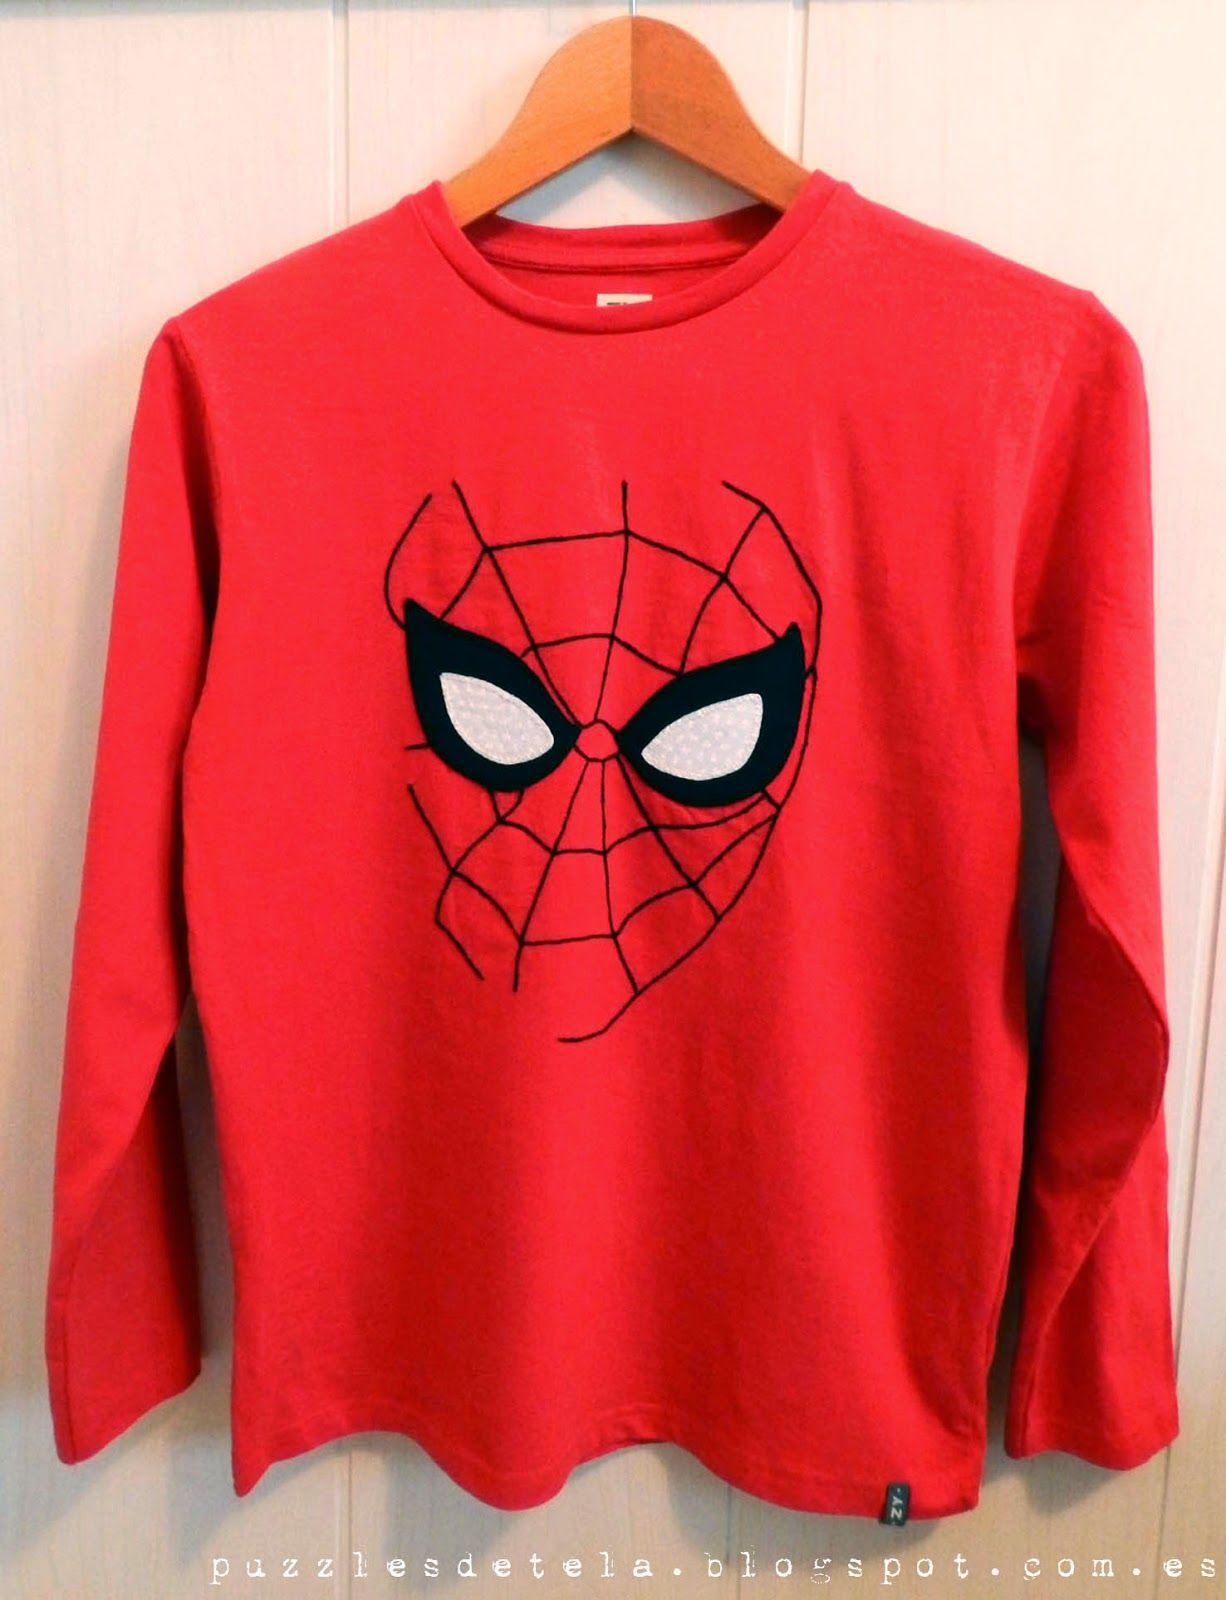 Sal n del c mic sal n del c mic zaragoza patchwork camisetas patchwork camisetas ni o ropa - Ropa infantil zaragoza ...